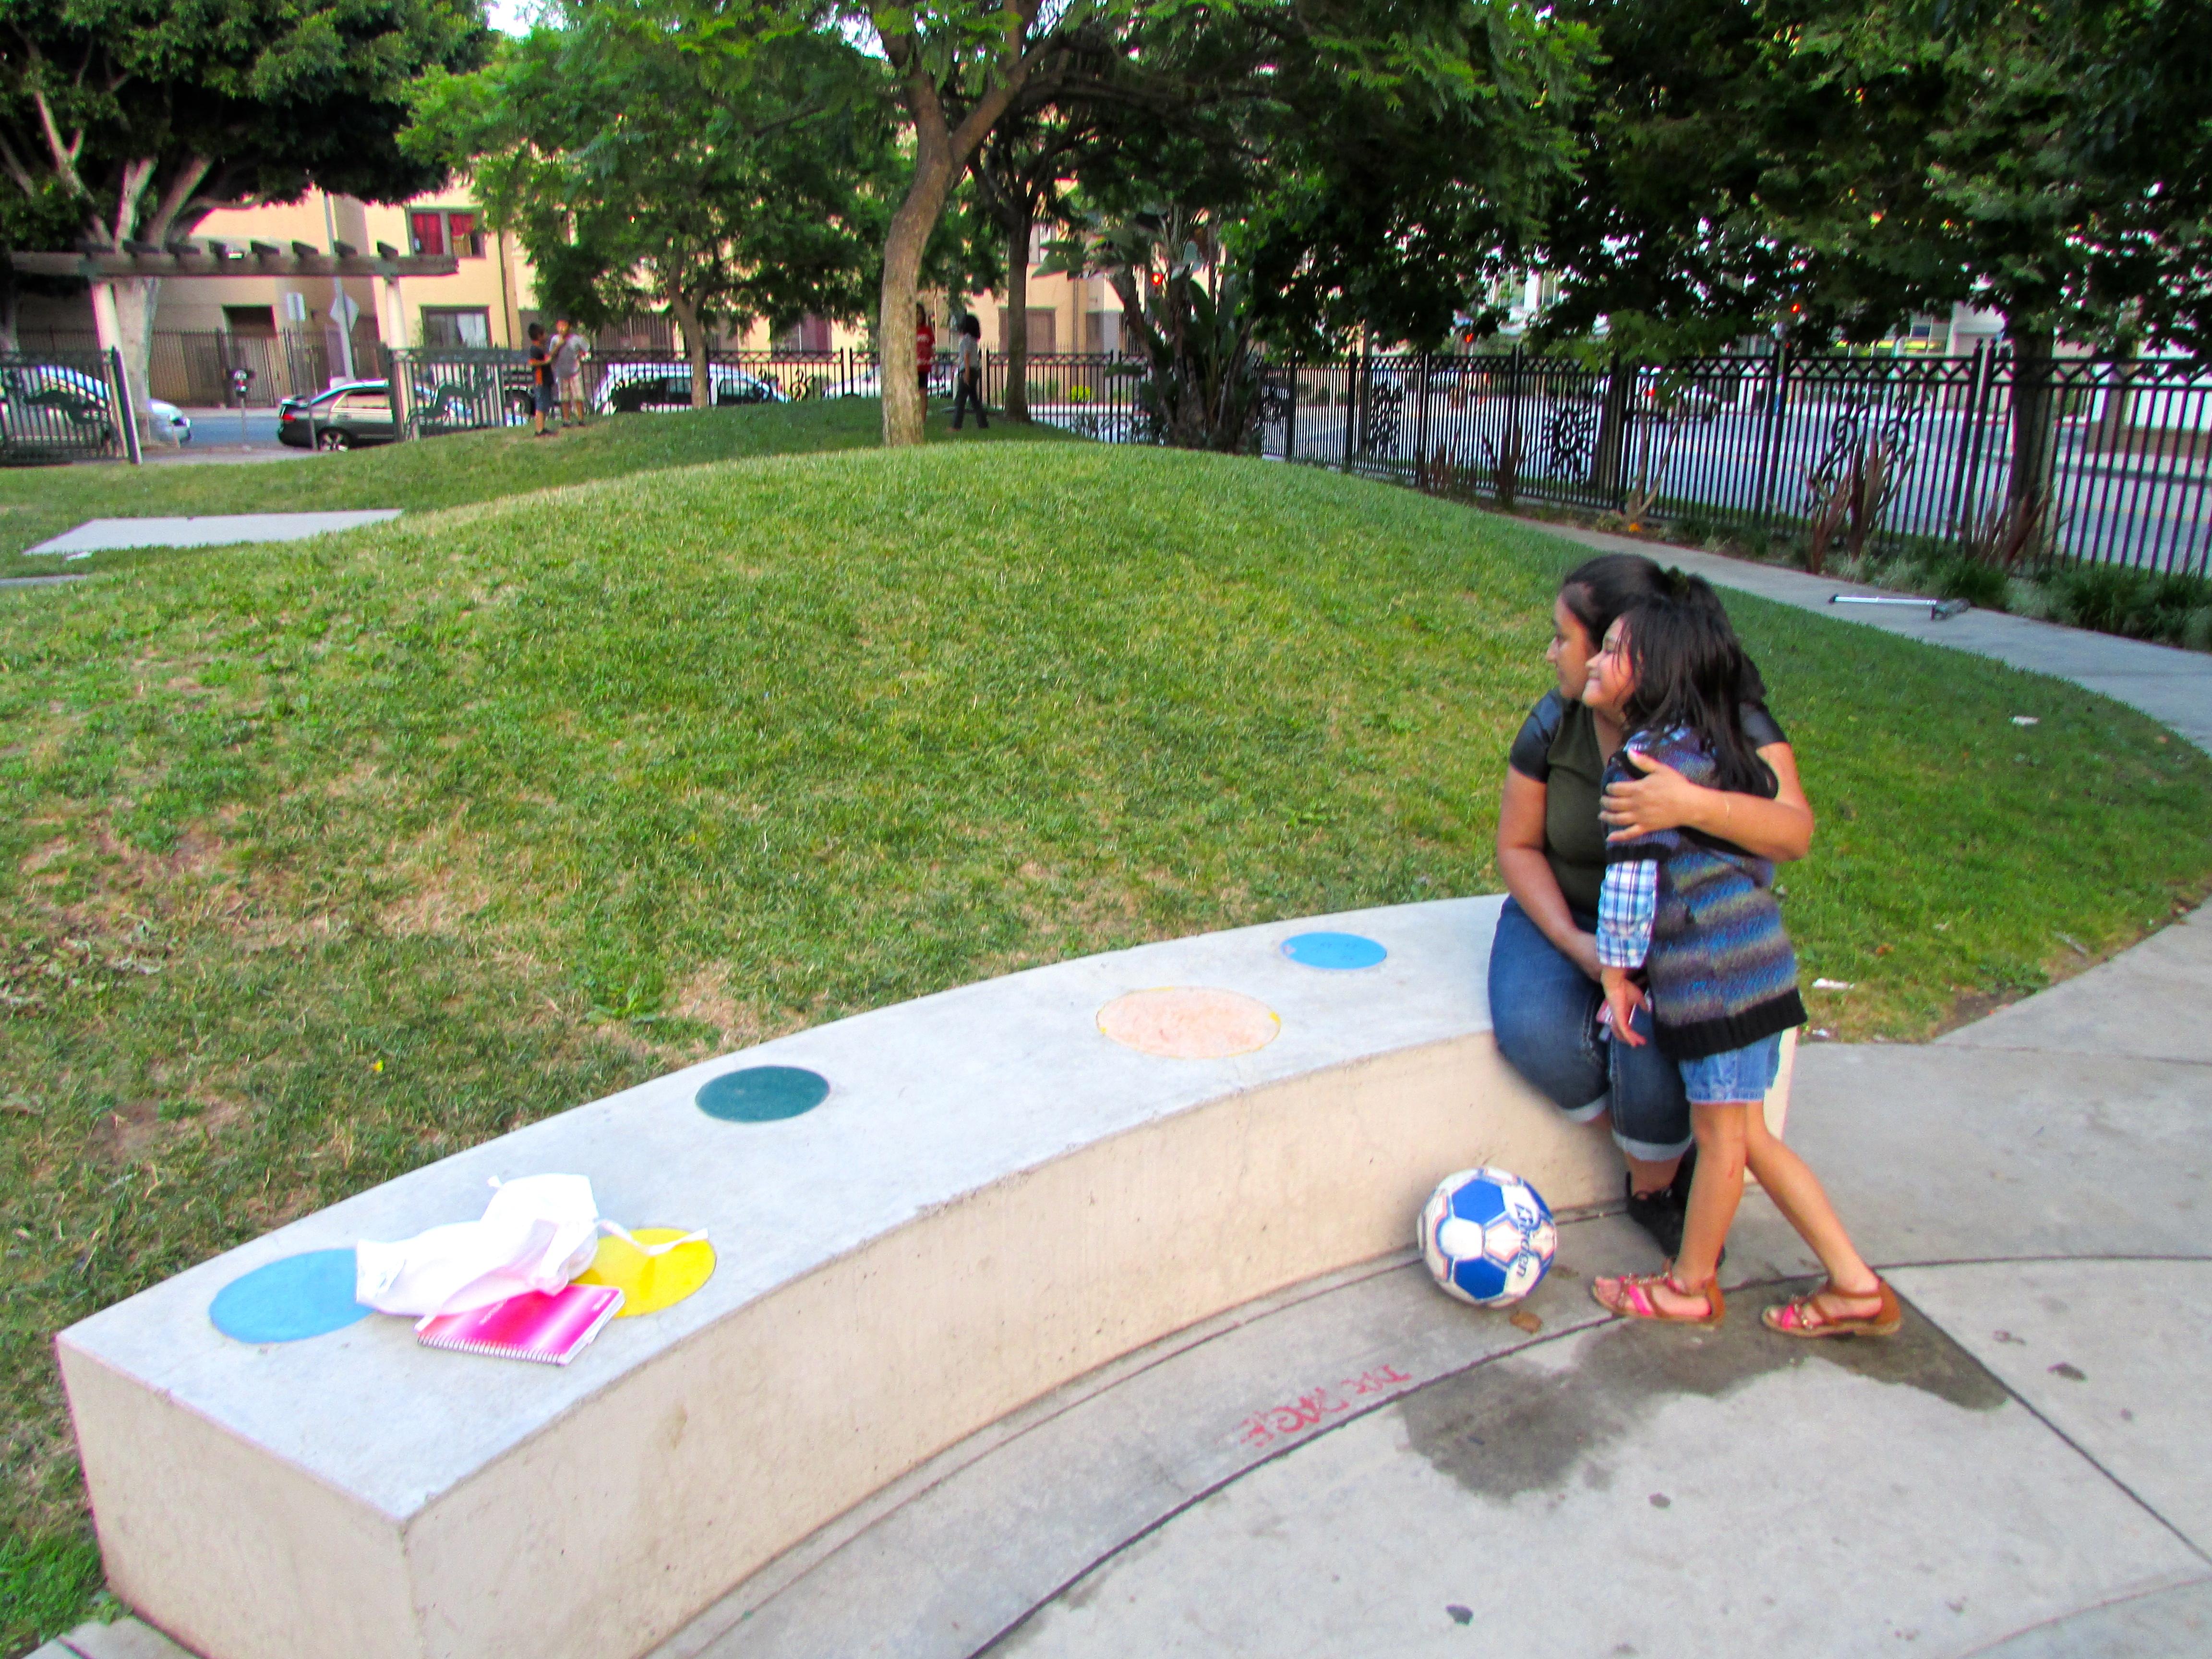 La medida SB4 asegura que siempre los menores indocumentados puedan recibir MediCal en California; y ampliaría el Covered California para que los adultos indocumentados puedan comprar planes de salud en dicho mercado de seguros. Foto de Araceli Martínez